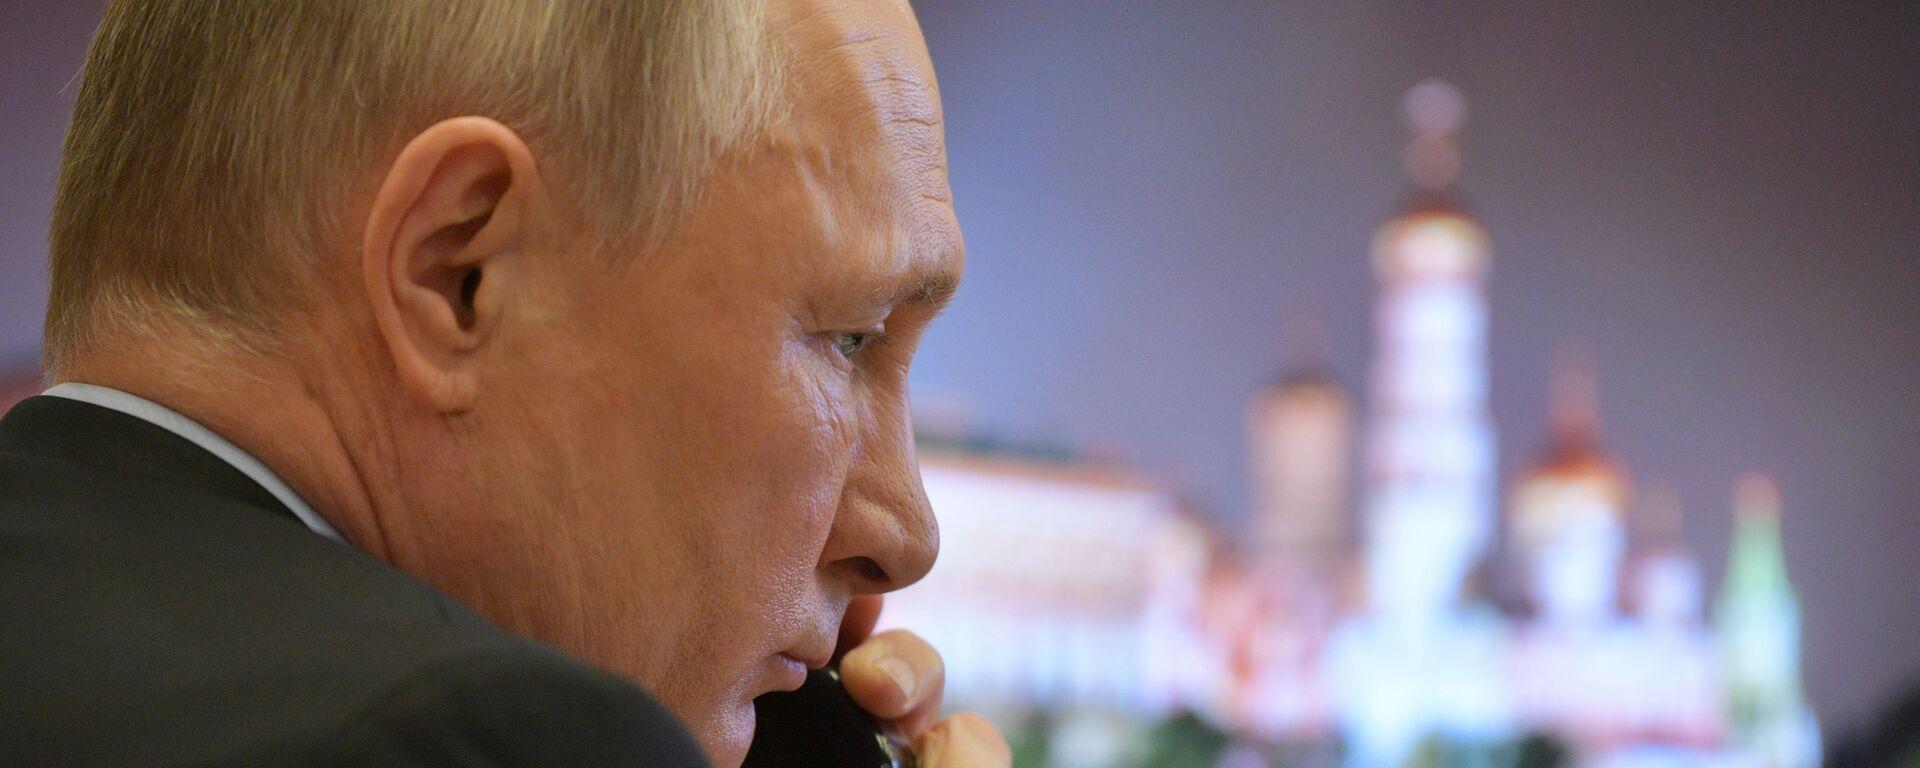 Ο Πούτιν μιλά στο τηλέφωνο - Sputnik Ελλάδα, 1920, 08.09.2021